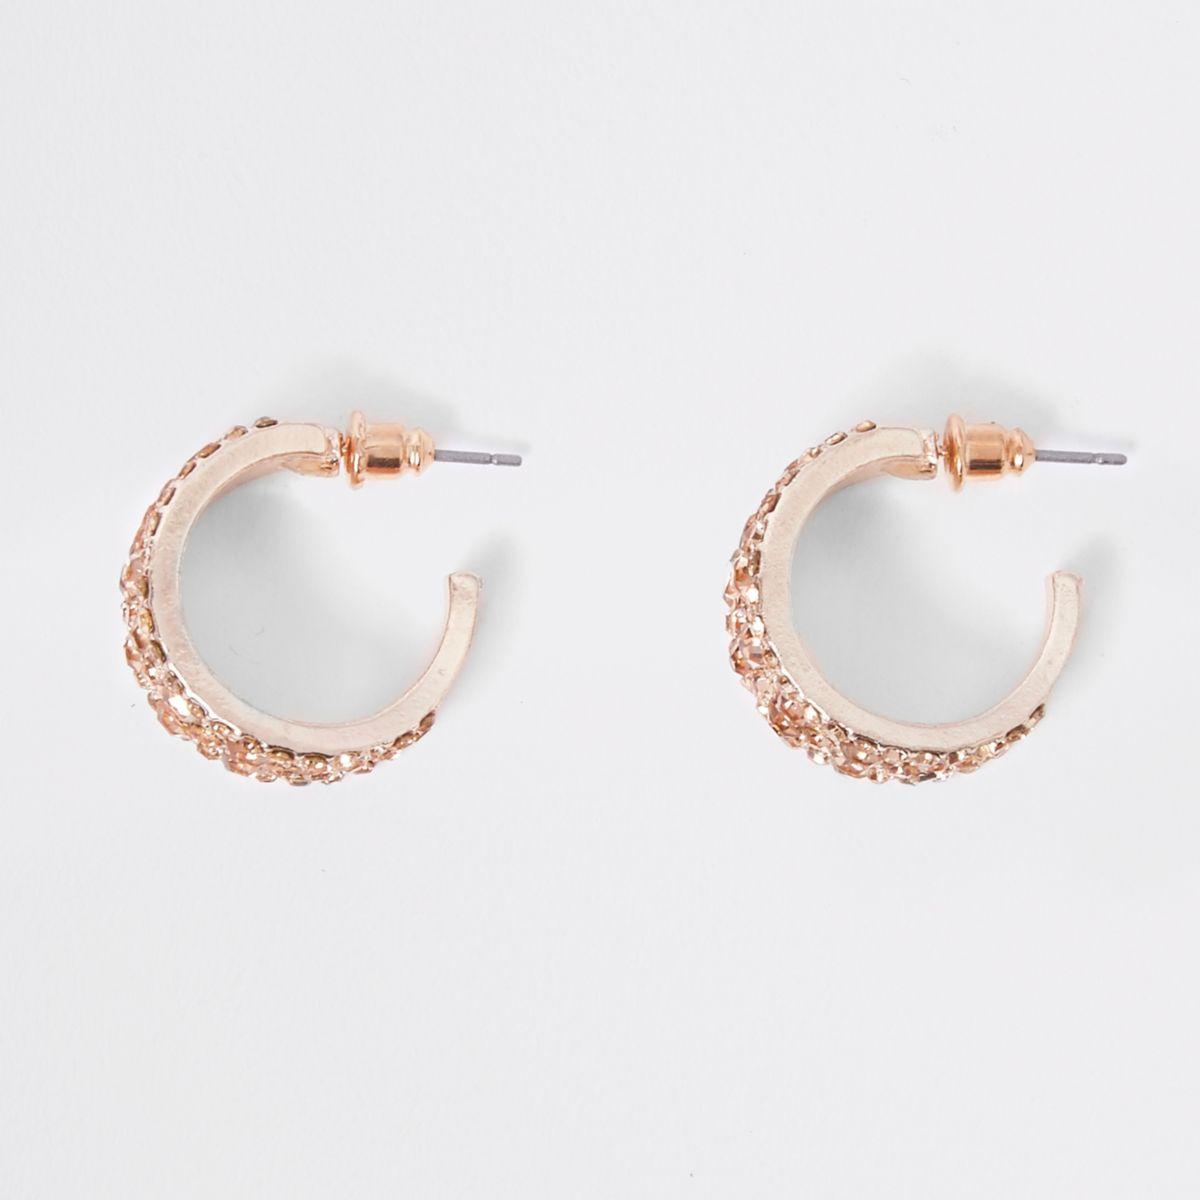 Rose gold tone rhinestone chunky hoop earrings